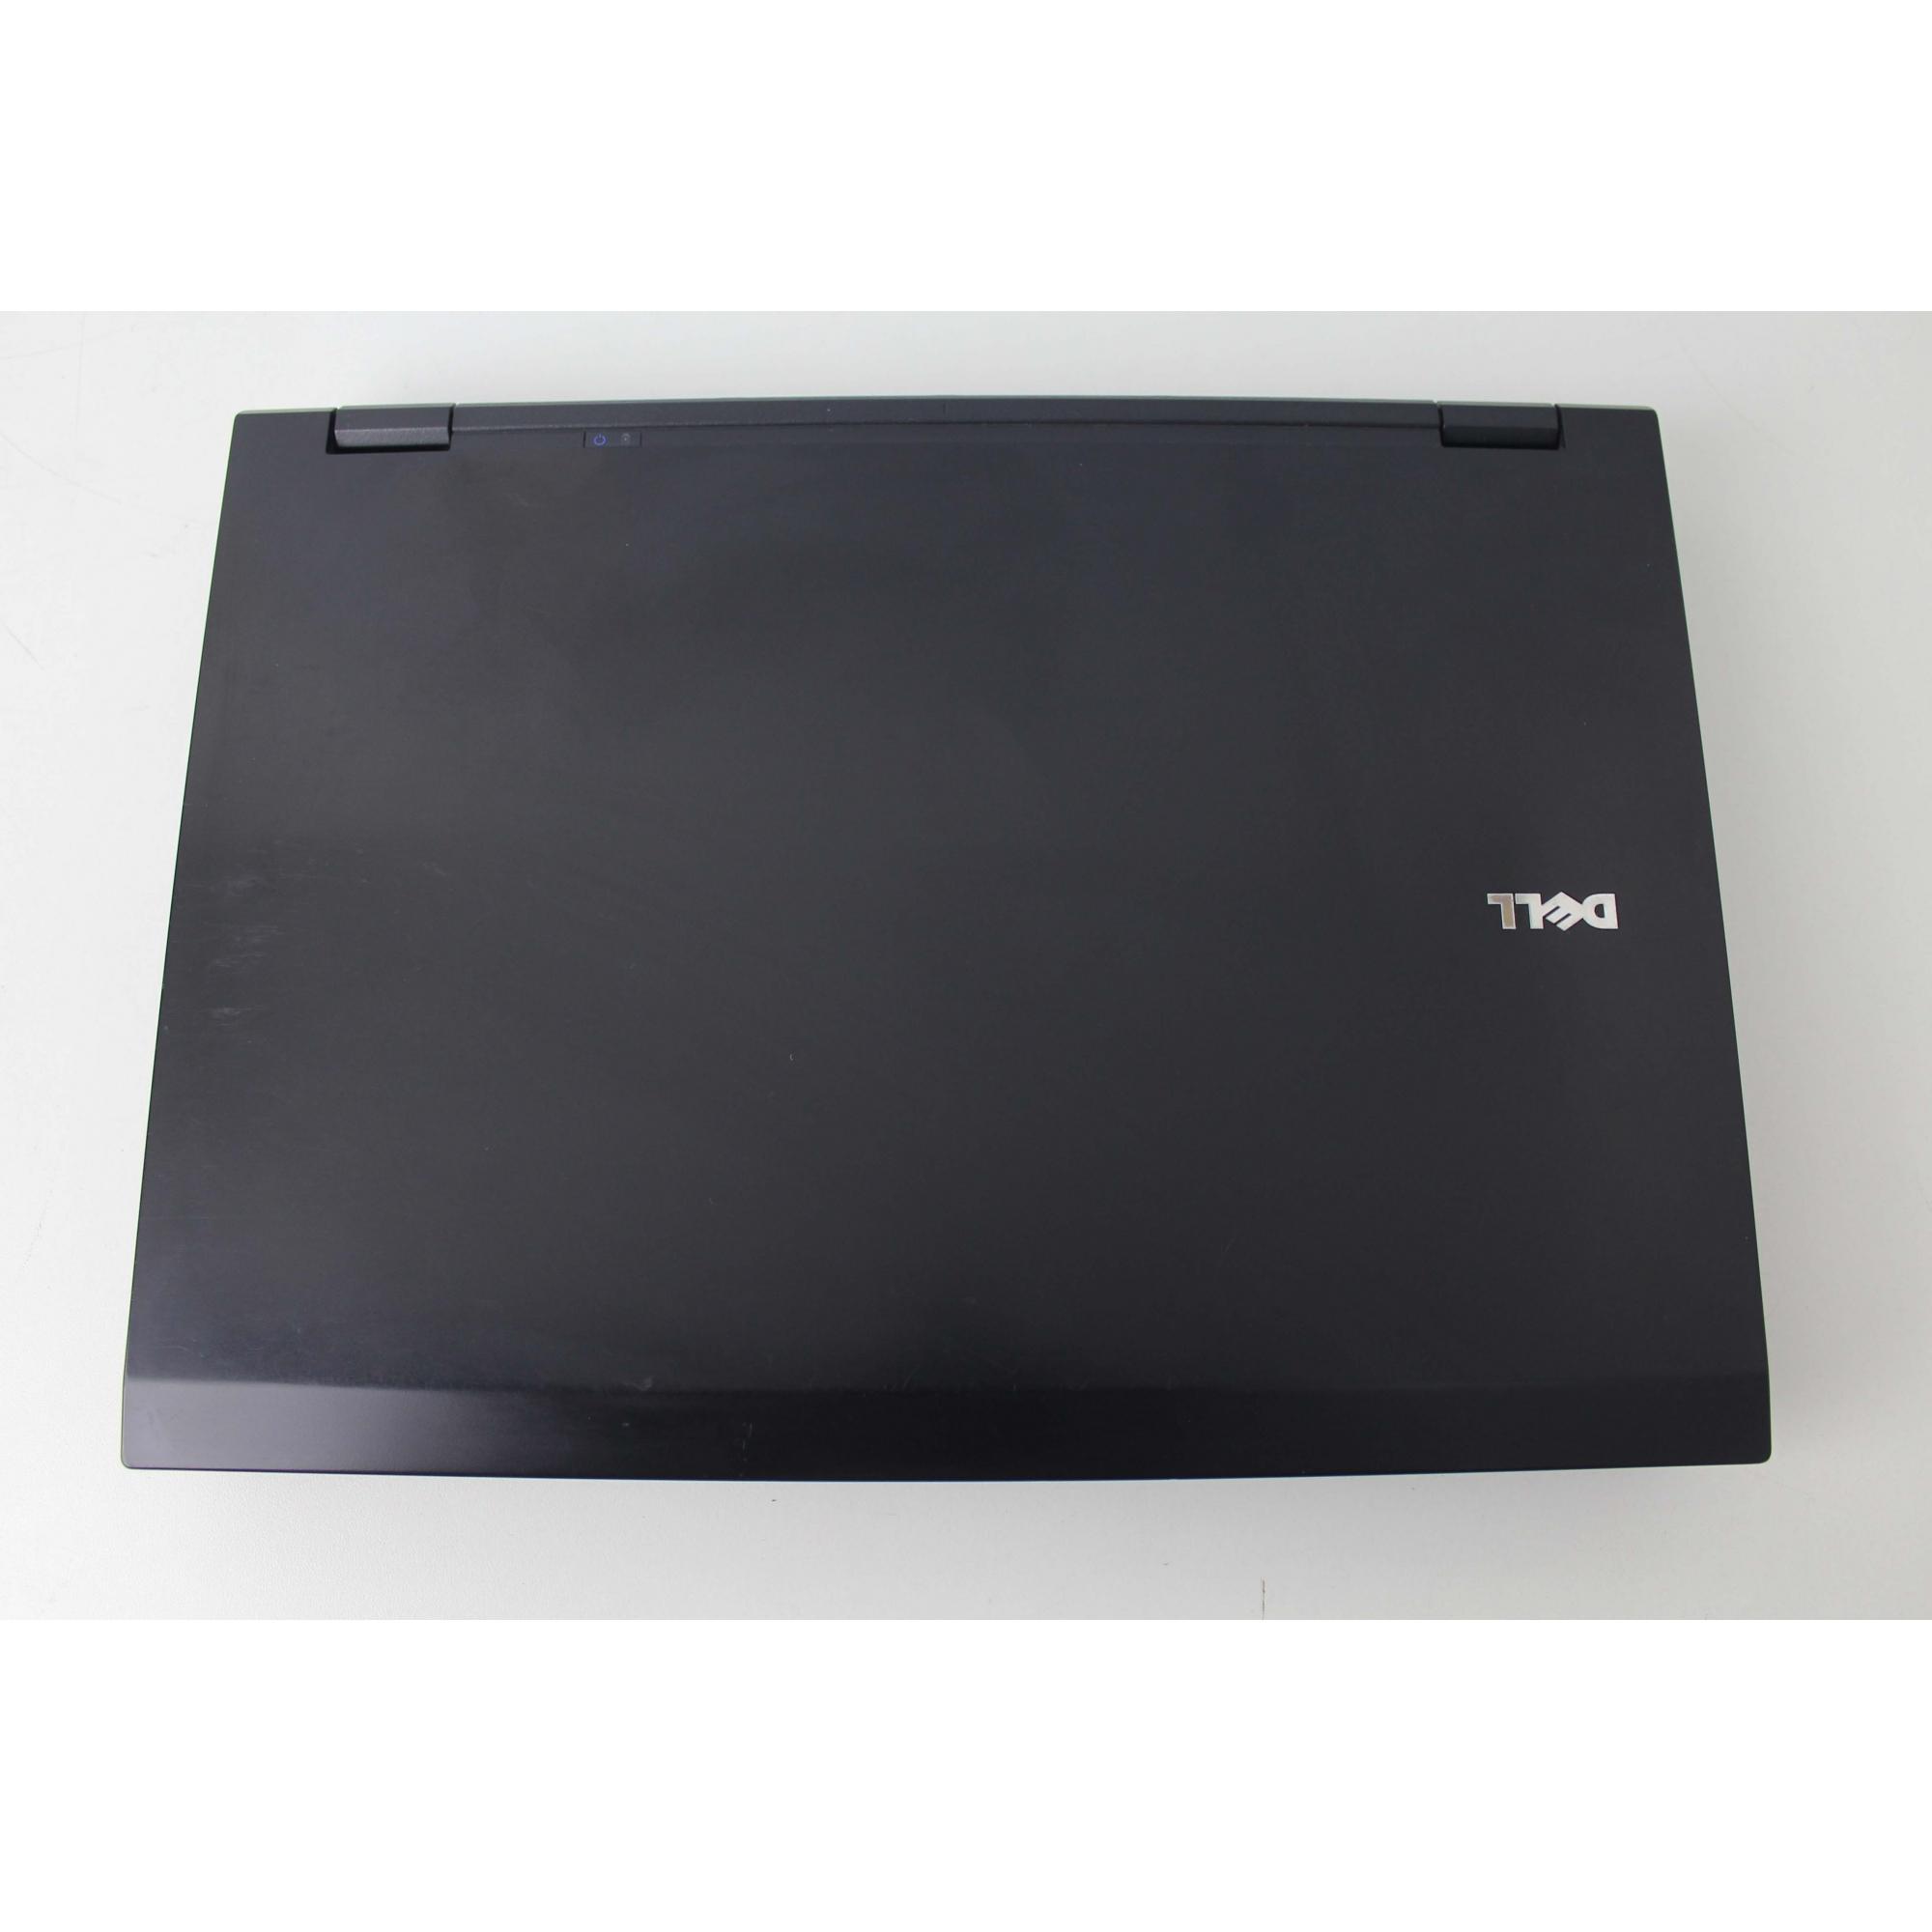 """NOTEBOOK DELL LATITUDE E5400 14"""" INTEL CORE 2 DUO 2.26GHZ 4GB HD-160GB"""